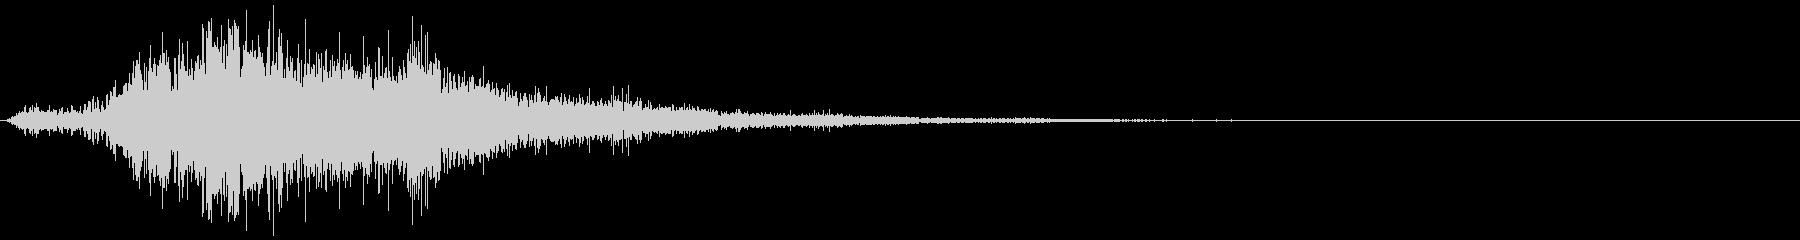 フワーポーン(ボス、本拠地、アジト)の未再生の波形